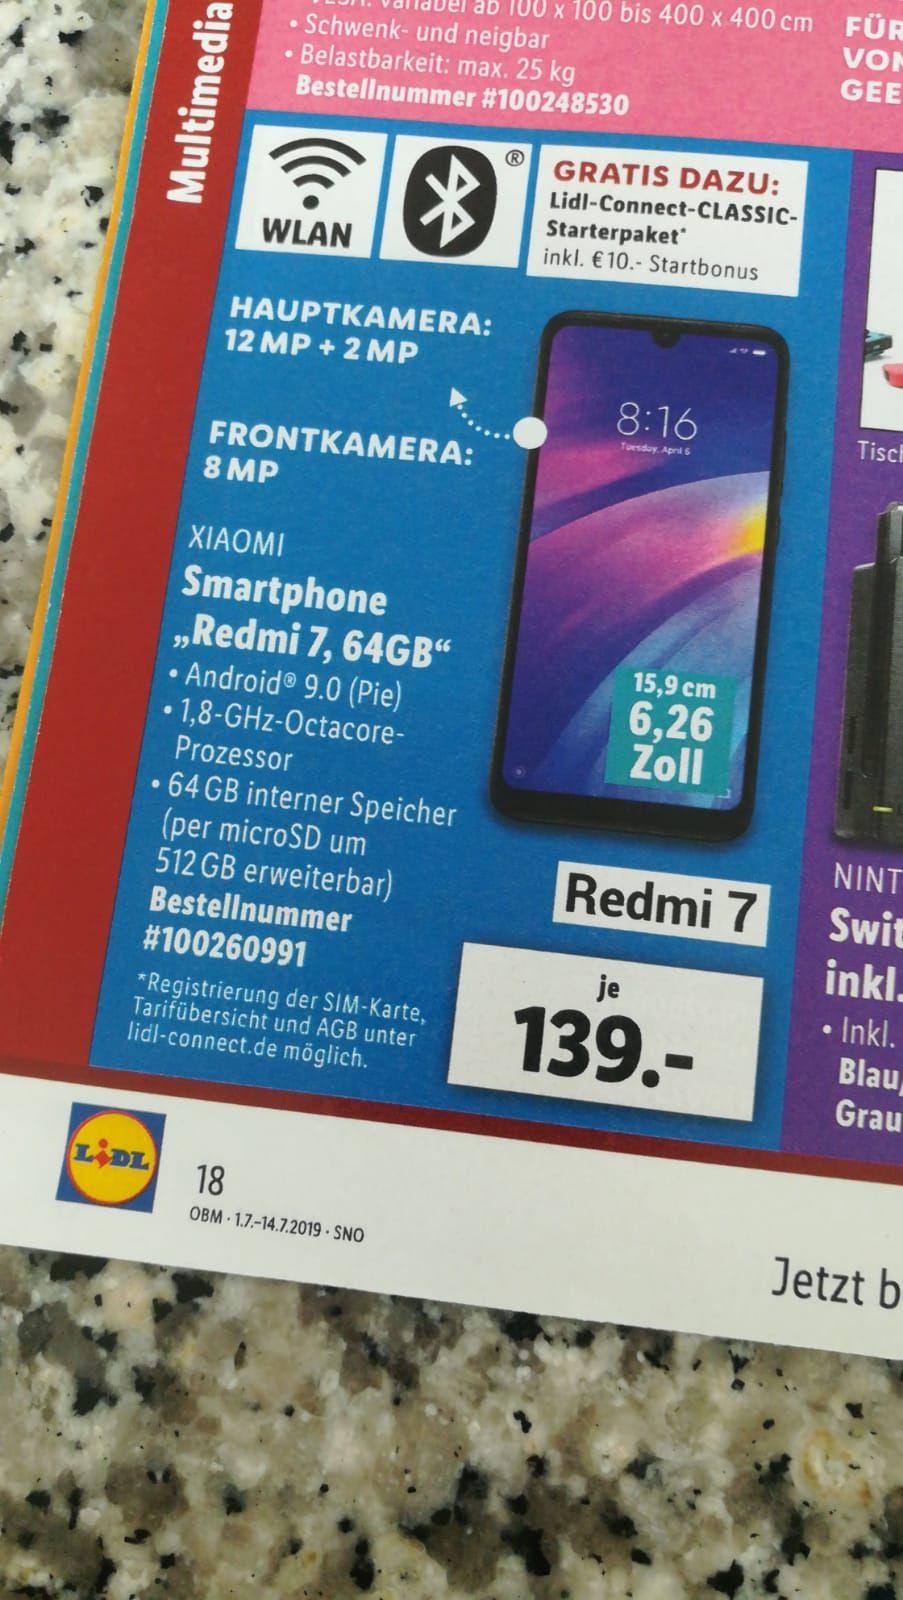 (Lokal?) Lidl - Xiaomi Redmi 7 aus Deutschland